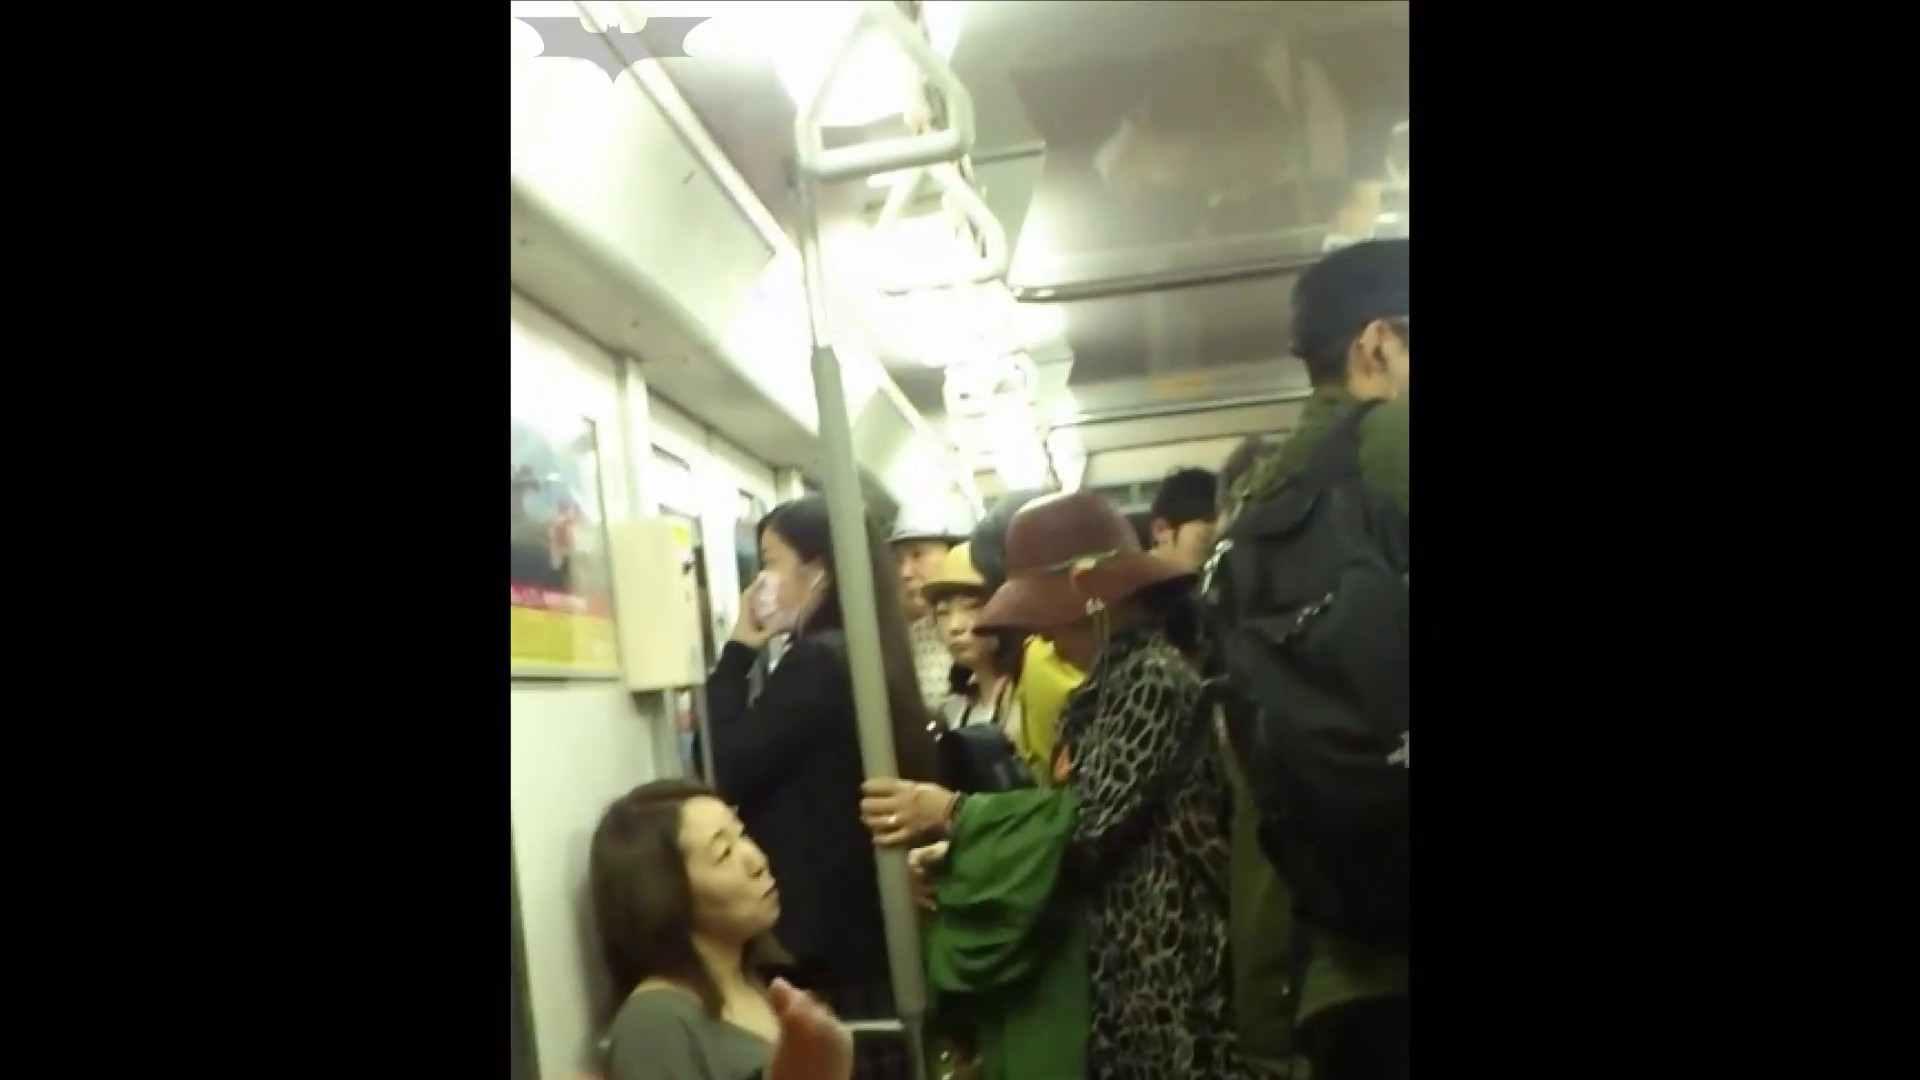 盗撮列車 Vol.14 お嬢様のバックプリントパンツ エッチなパンツ   細身体型  99枚 12